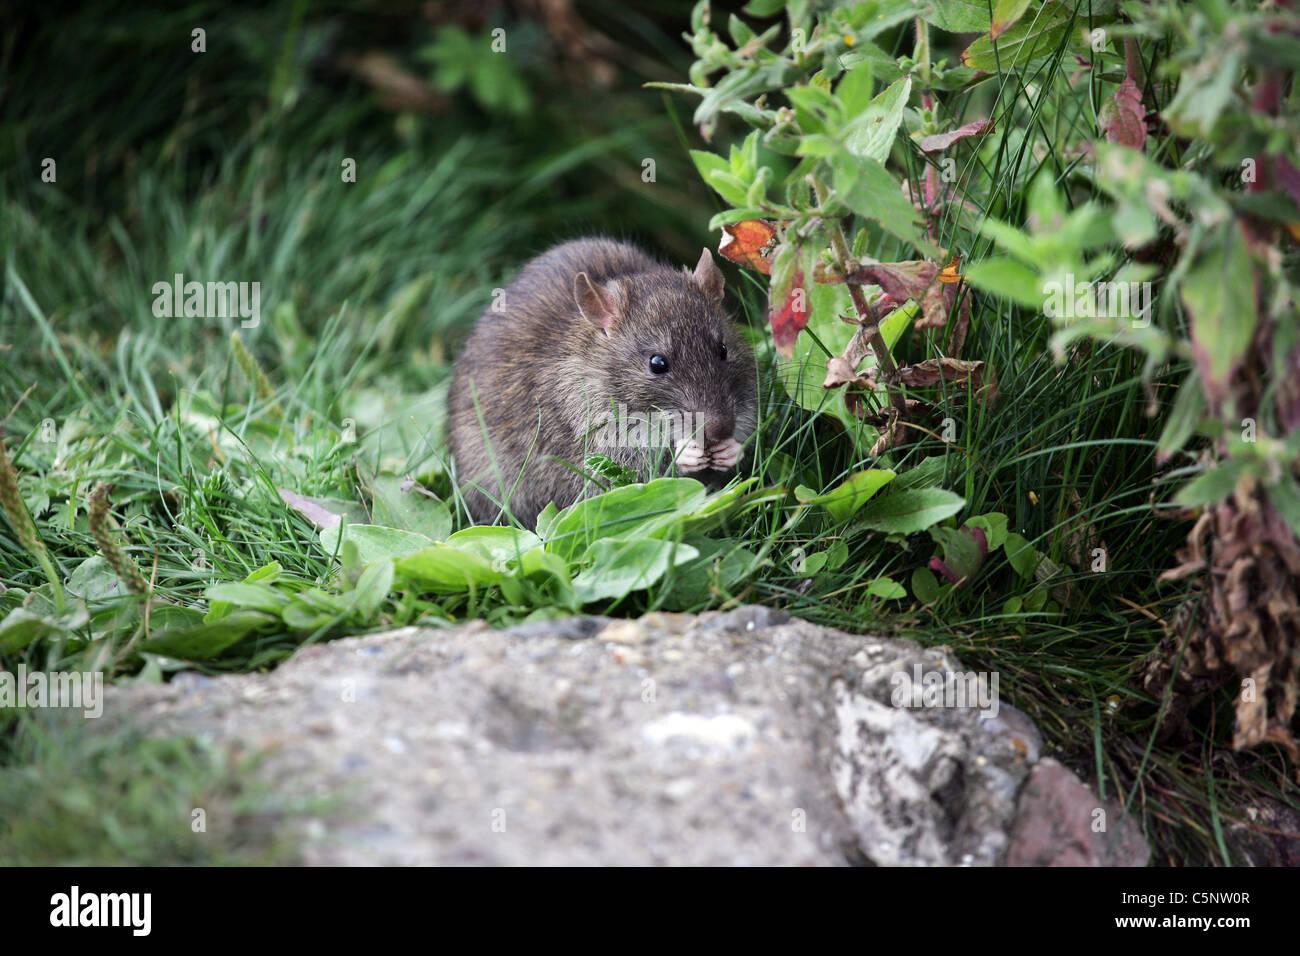 Brown Rat (Rattus norvegicus) eating scrap of food near riverbank run - Stock Image